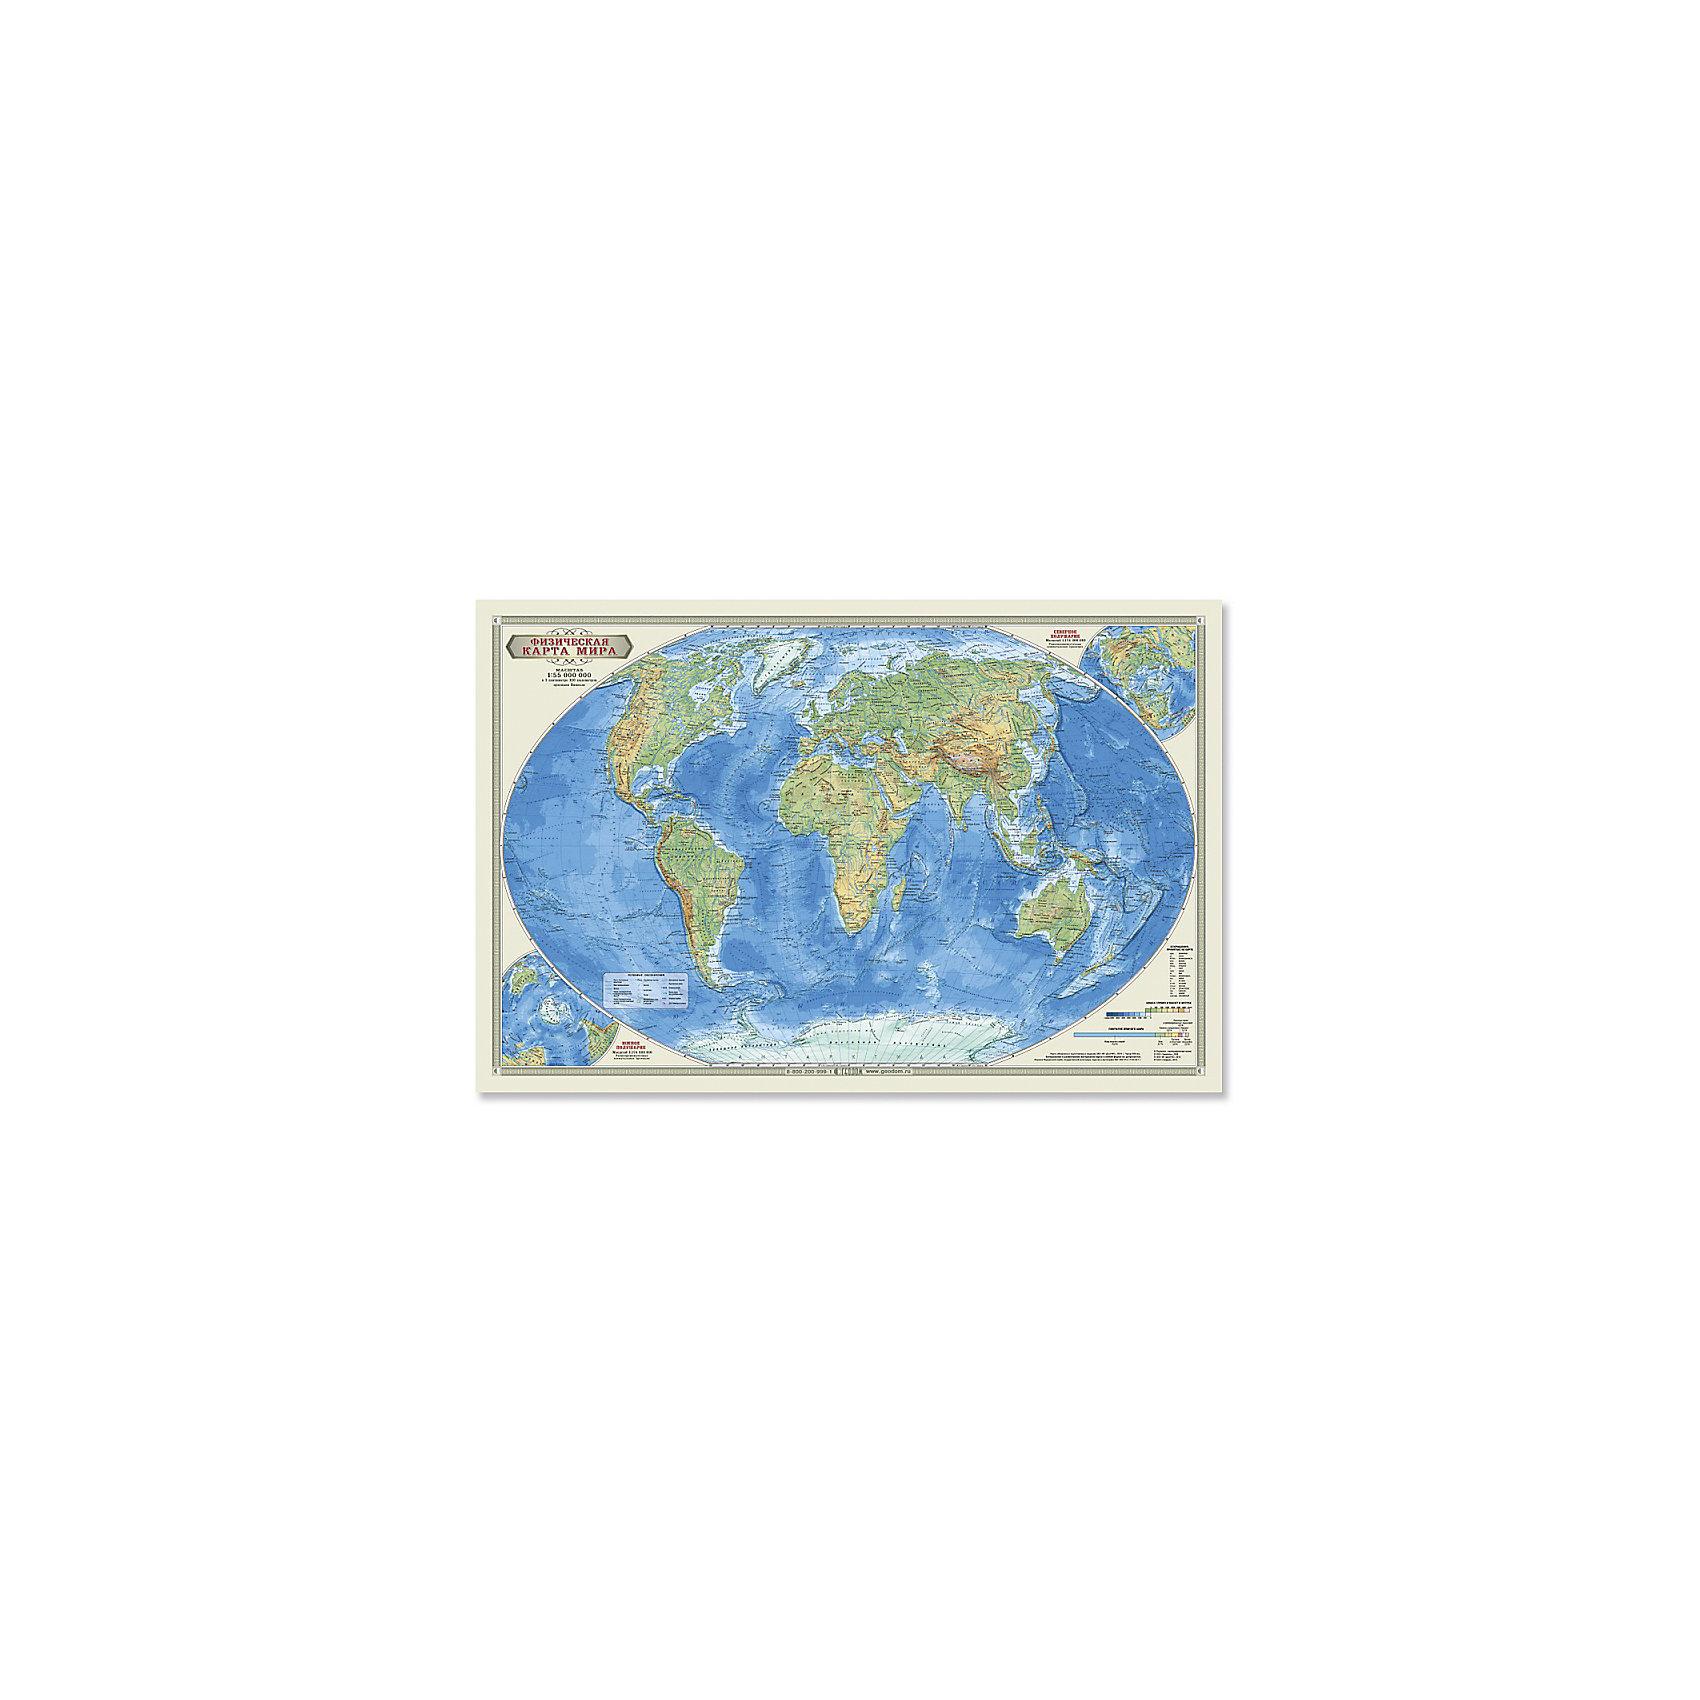 Настольная карта Мир Физический М1:55 млн, 58*38 см, ламинированнаяПлакаты и карты<br>Физическая карта мира передает внешний облик суши и акваторий всей планеты в обзорном масштабе.  На карте подробно отражены рельеф и гидрография, а также пески, солончаки, болота, вулканы, коралловые рифы, материковые льды и вечные снега, шельфовые ледники. Показаны значимые населённые пункты.<br>Даны карты-врезки Северного и Южного полушарий, карта использования земель. Карта выполнена на плотной бумаге с капсульной ламинацией.<br><br>Ширина мм: 580<br>Глубина мм: 380<br>Высота мм: 1<br>Вес г: 100<br>Возраст от месяцев: 36<br>Возраст до месяцев: 2147483647<br>Пол: Унисекс<br>Возраст: Детский<br>SKU: 5422953